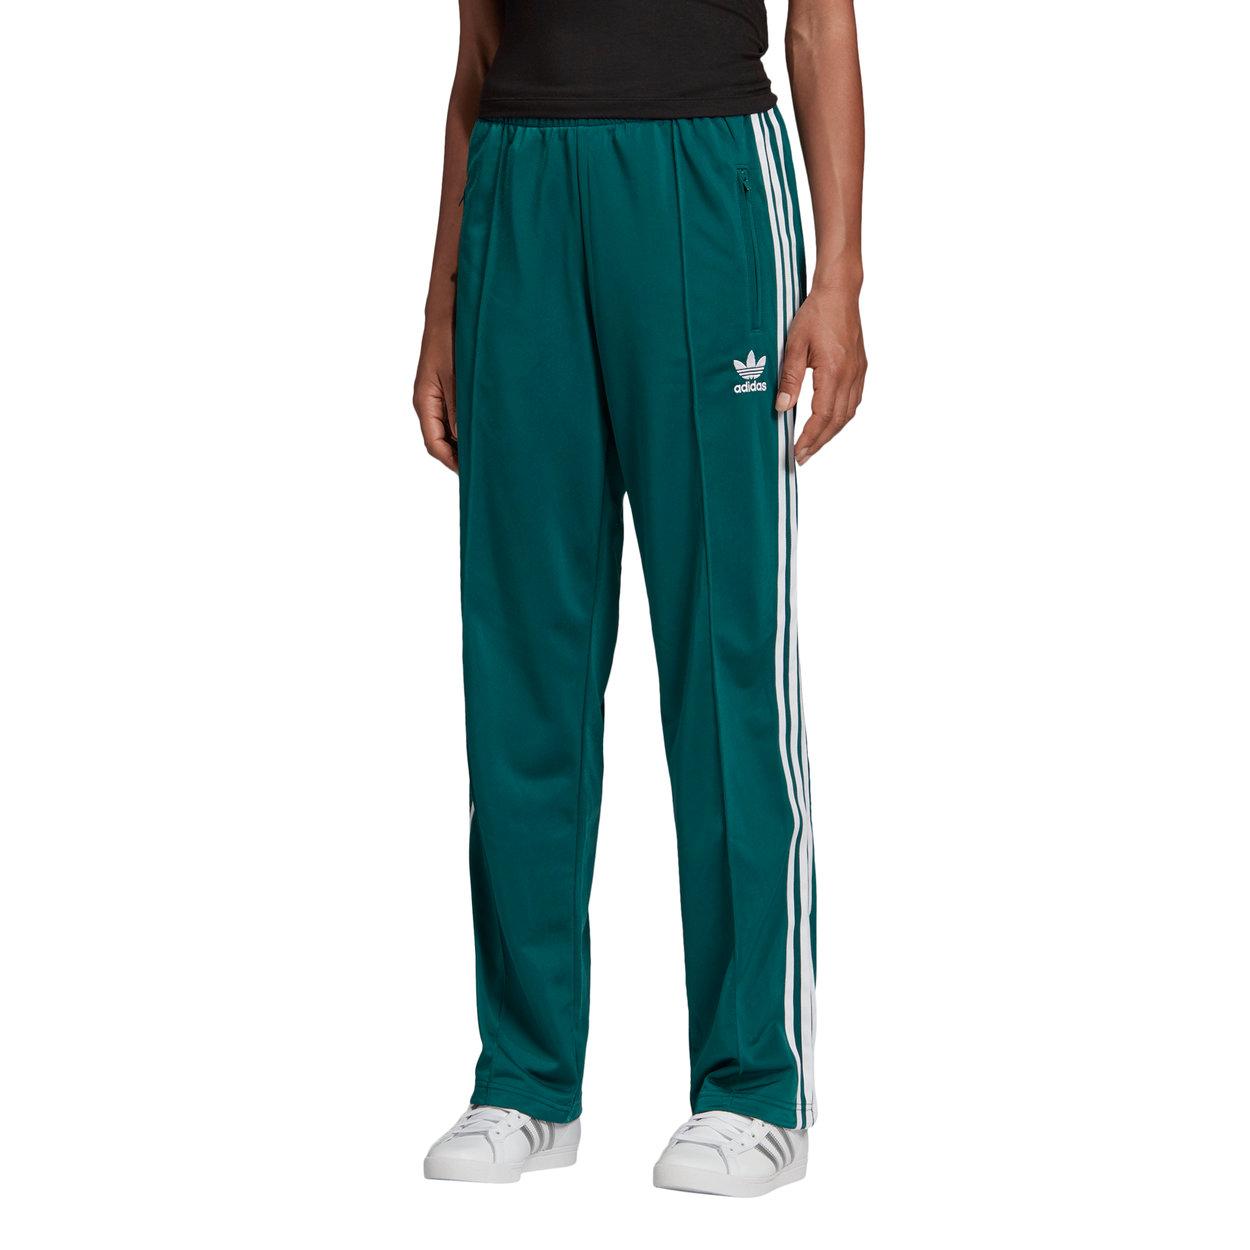 adidas pants verde